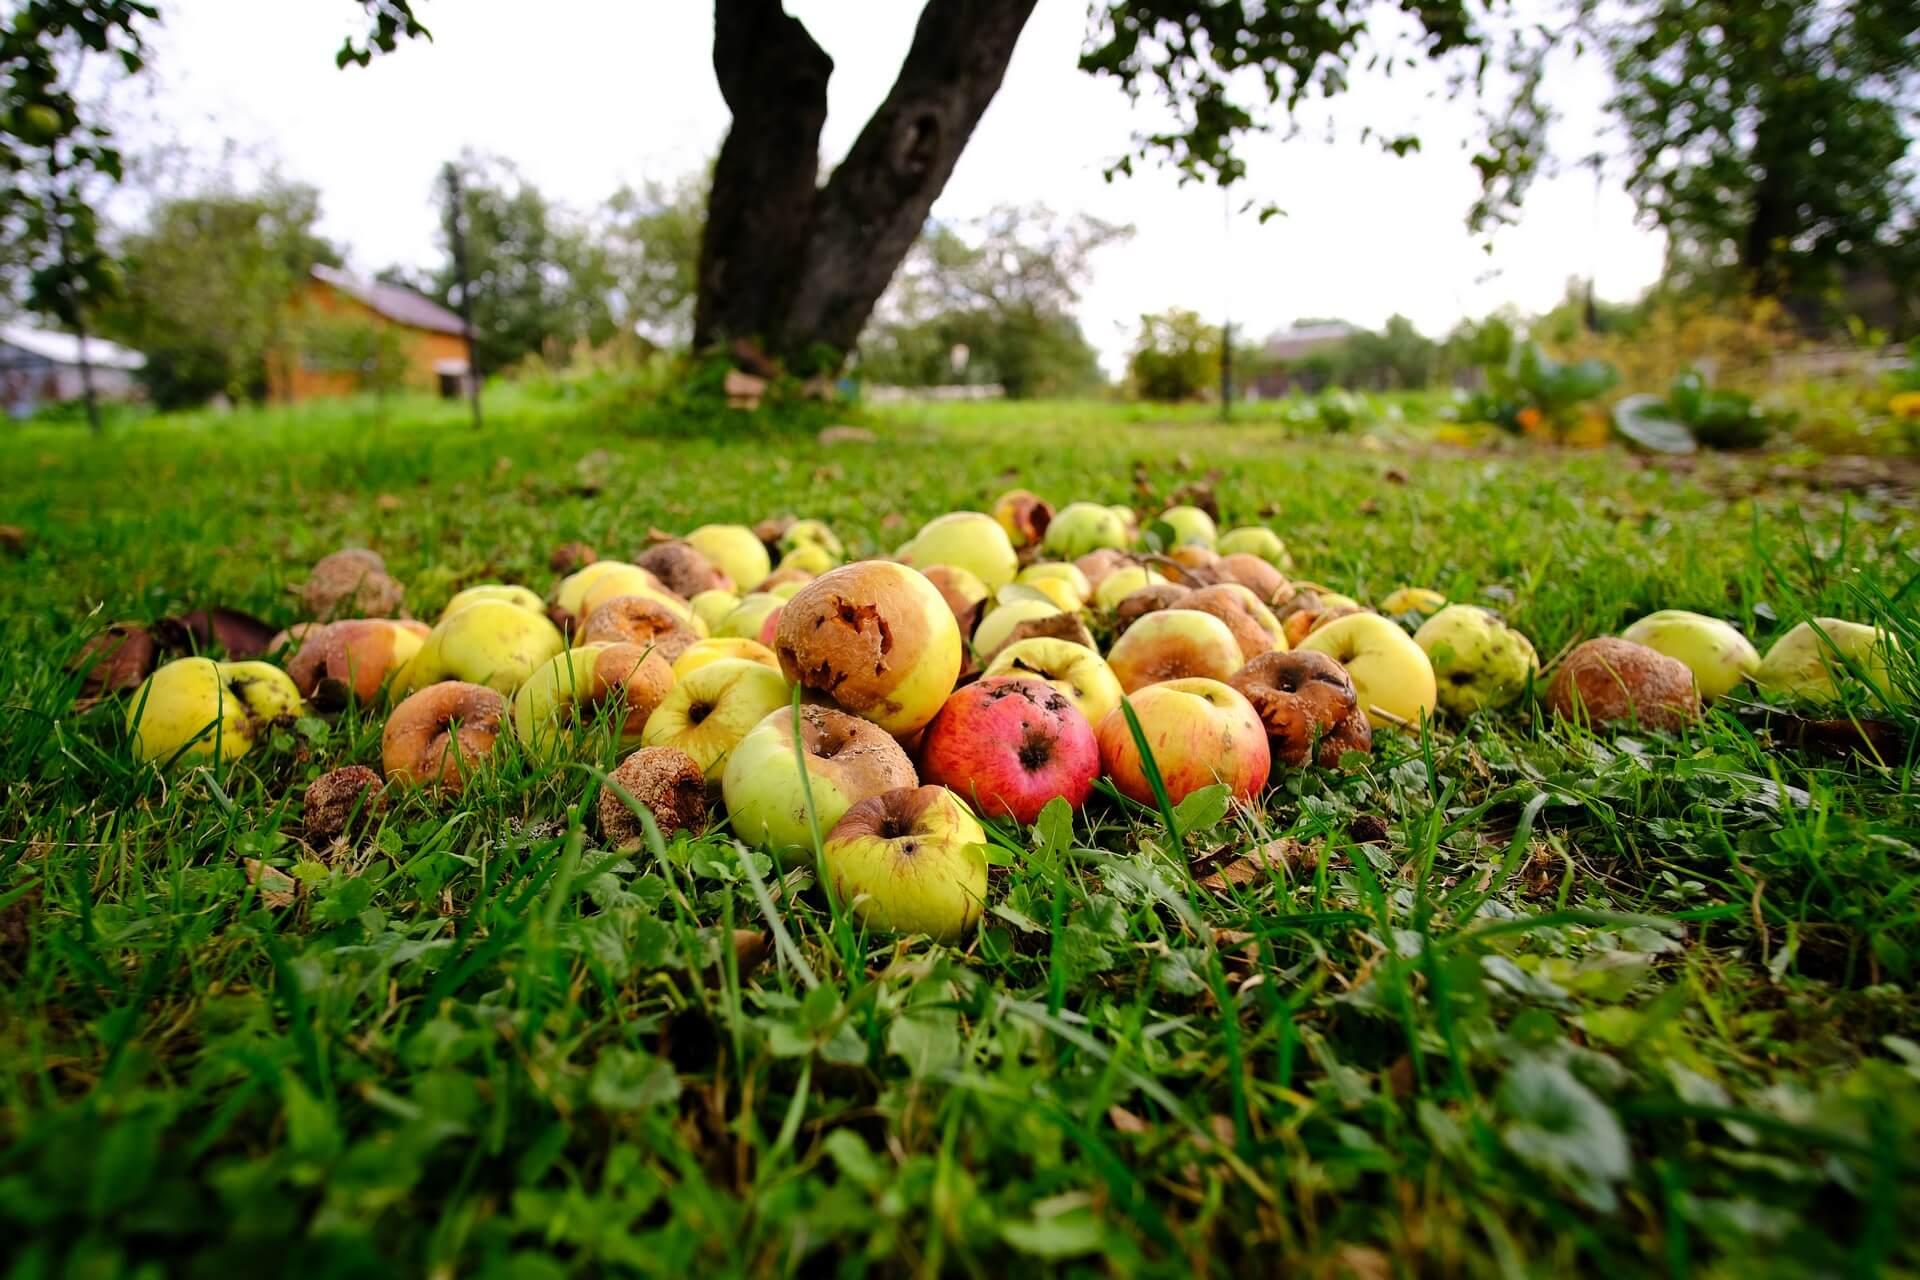 Nas mora skrbeti nizka stopnja samooskrbe s sadjem in zelenjavo?